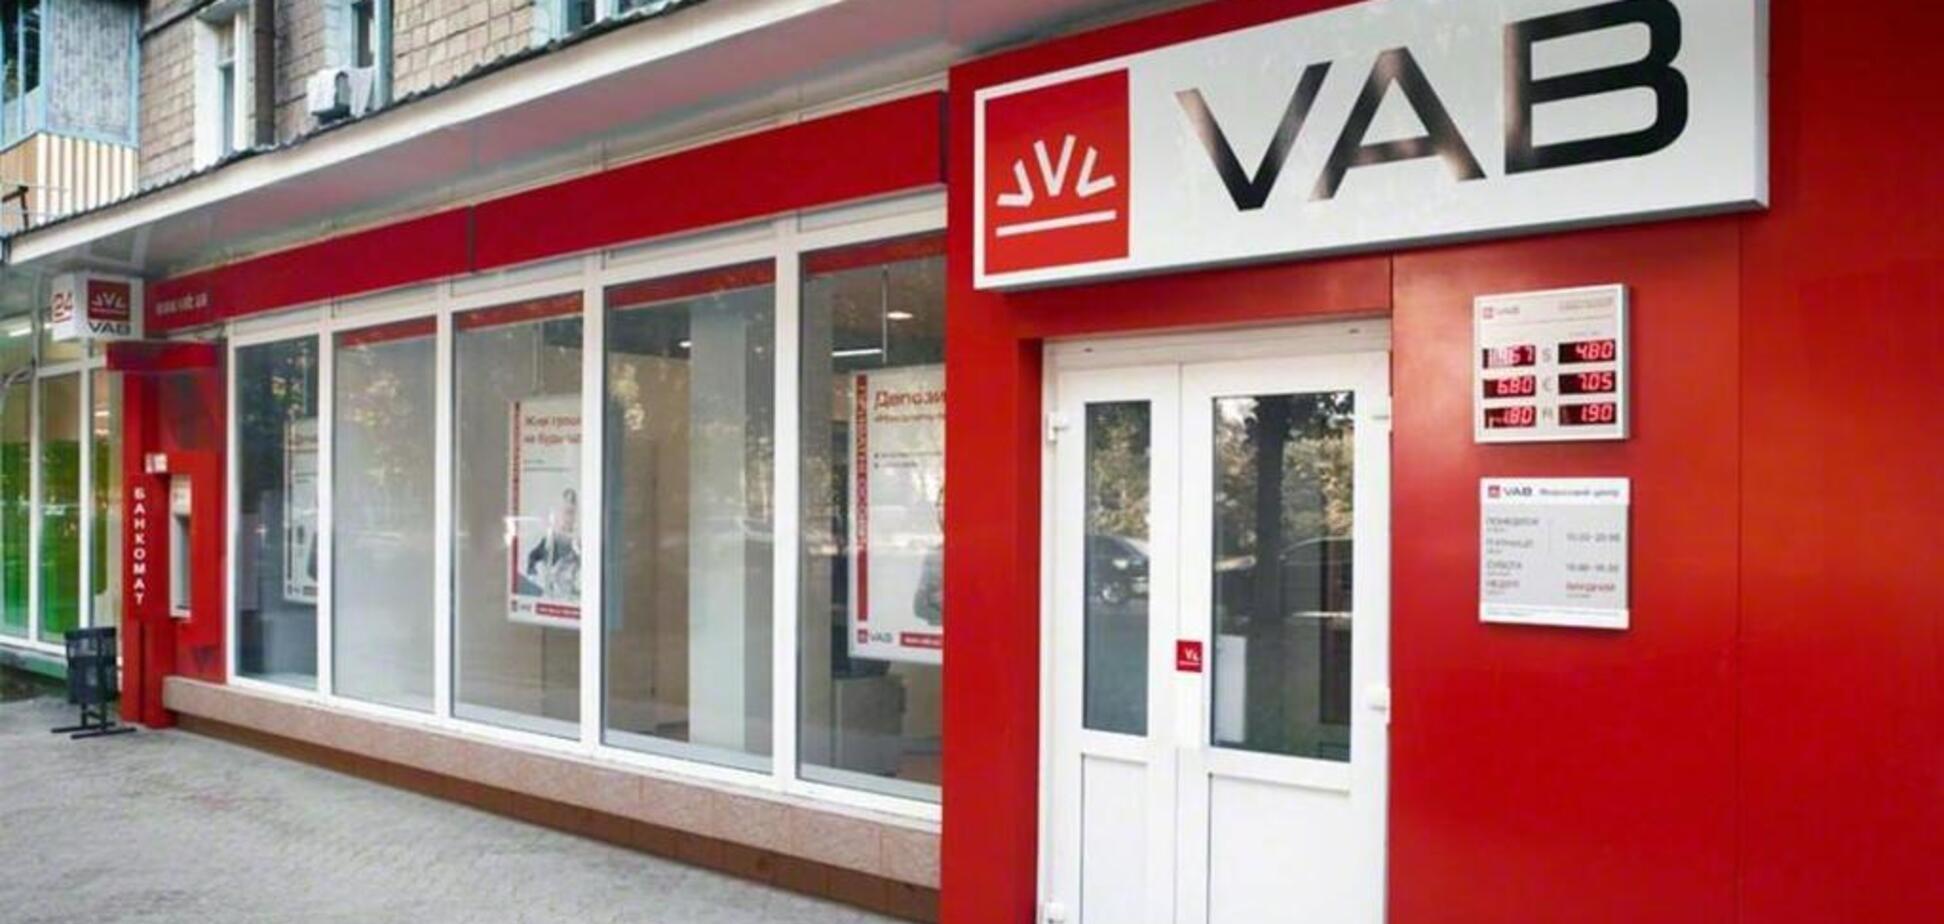 Активи VAB банку хочуть продати в 5 разів дешевше від реальної вартості